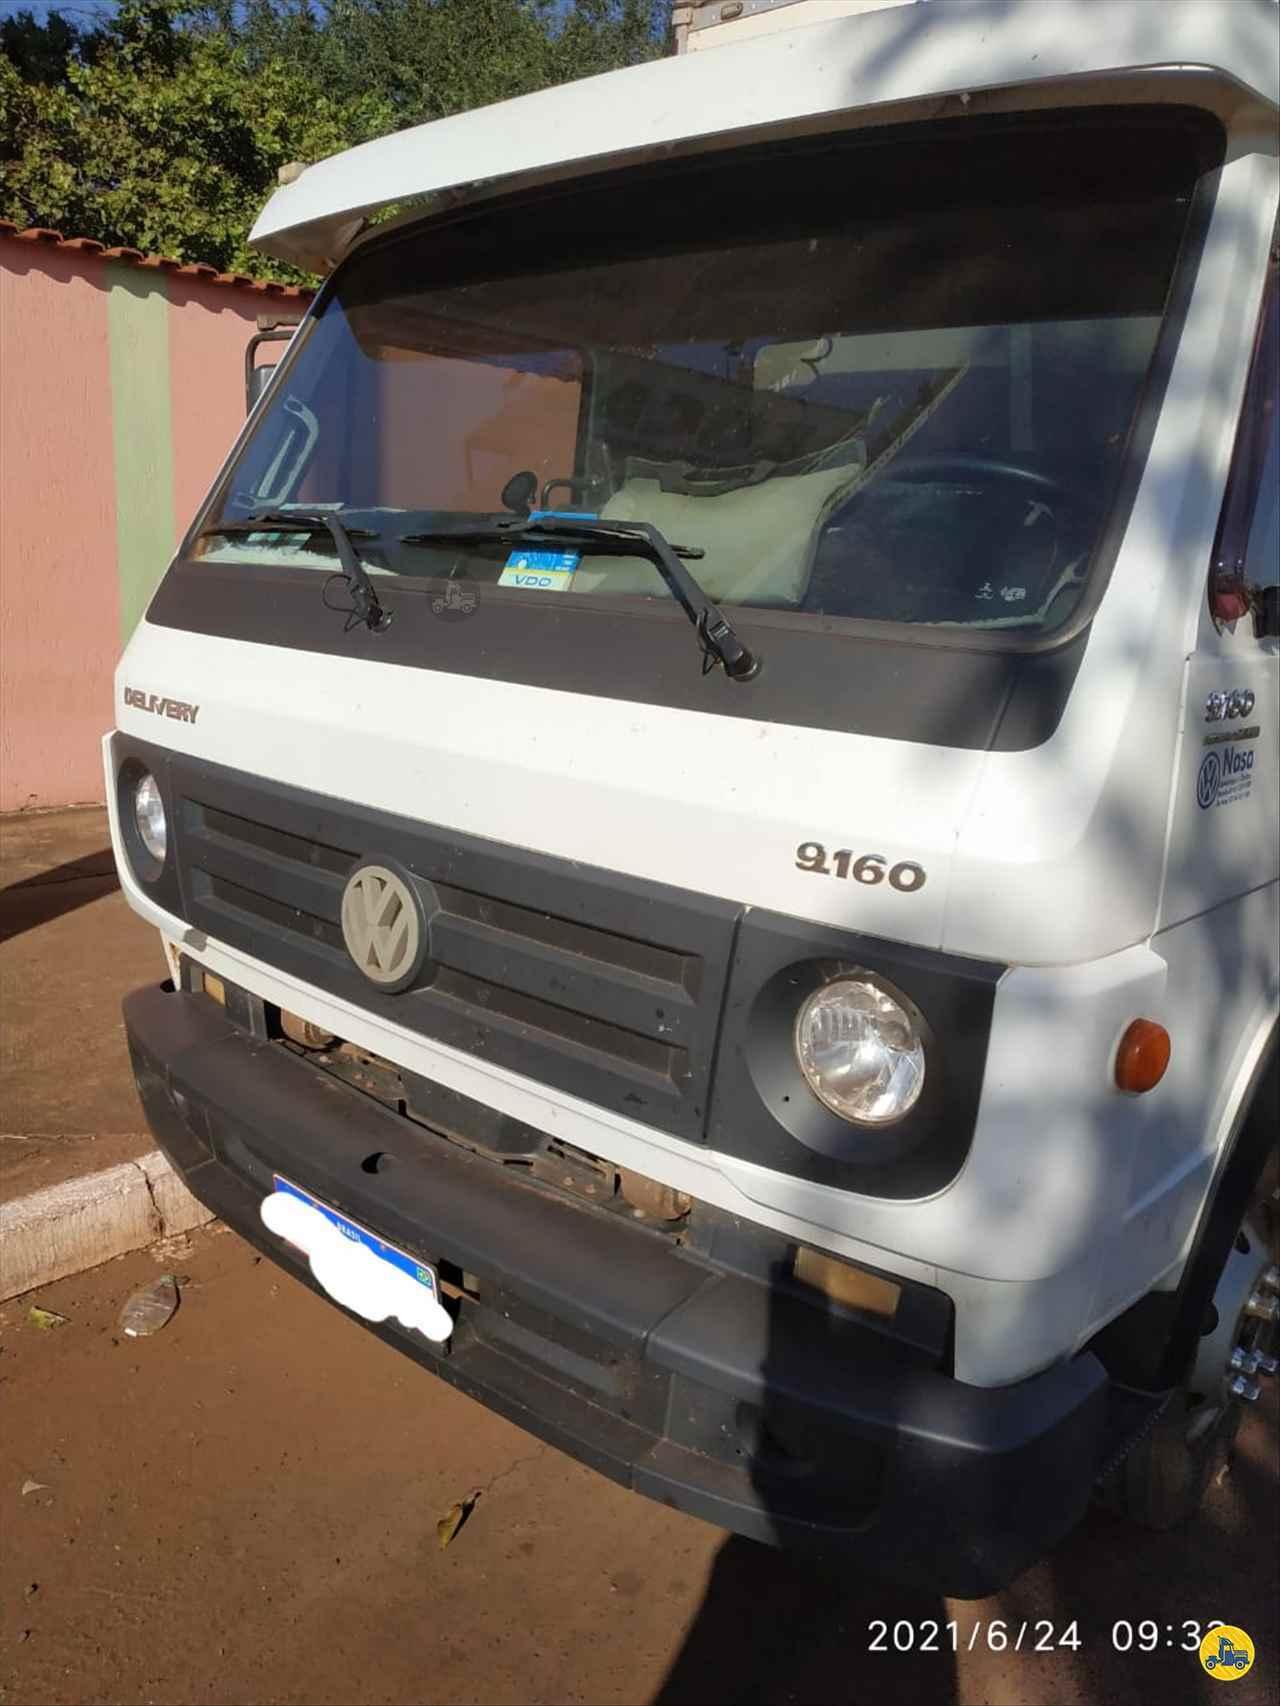 CAMINHAO VOLKSWAGEN VW 9160 Baú Furgão 3/4 4x2 Usados Rio Verde Caminhões e Carretas RIO VERDE GOIAS GO